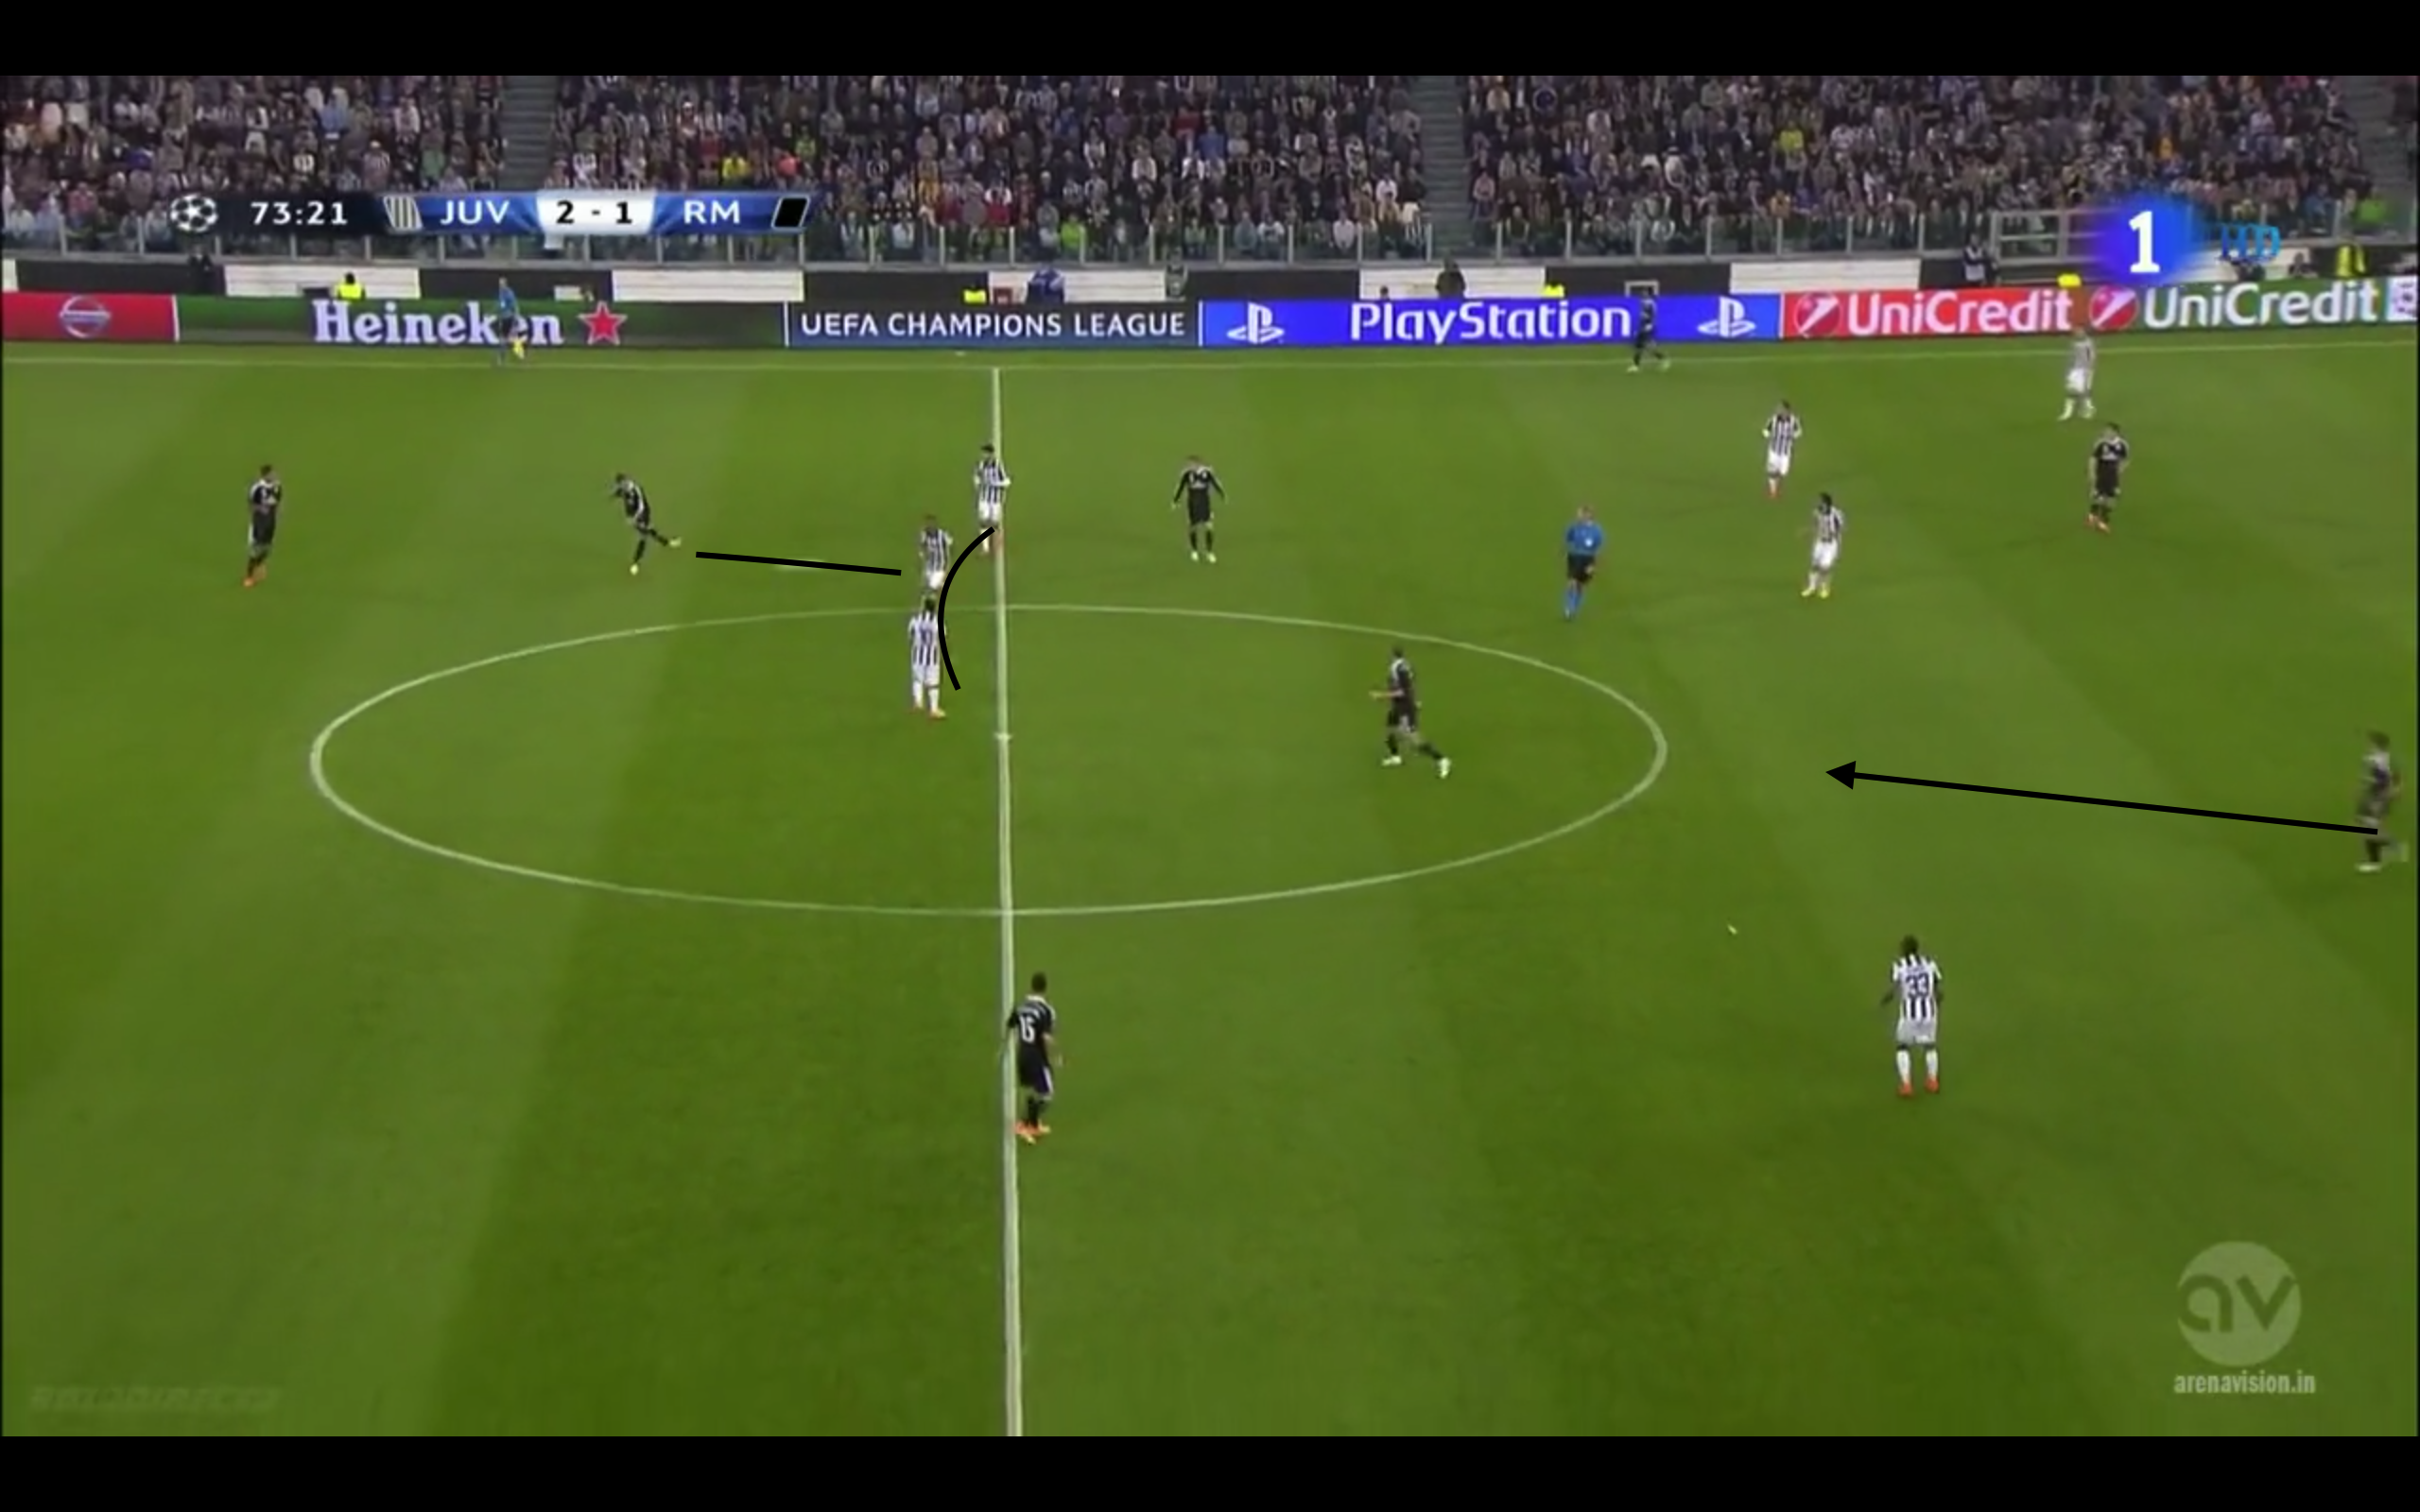 Vidal rückt im Pressing aggressiv auf Ramos. Diese Bewegung wird nicht abgesichert. Pirlo und Marchisio stehen sehr nach rechts versetzt und Evra steht sehr breit. Hernandez bewegt sich in diesen Raum, provoziert ein Zusammenziehen der Verteidigung und hat nun Kontrolle über einen Raum mit vielen Entscheidungsmöglichkeiten.